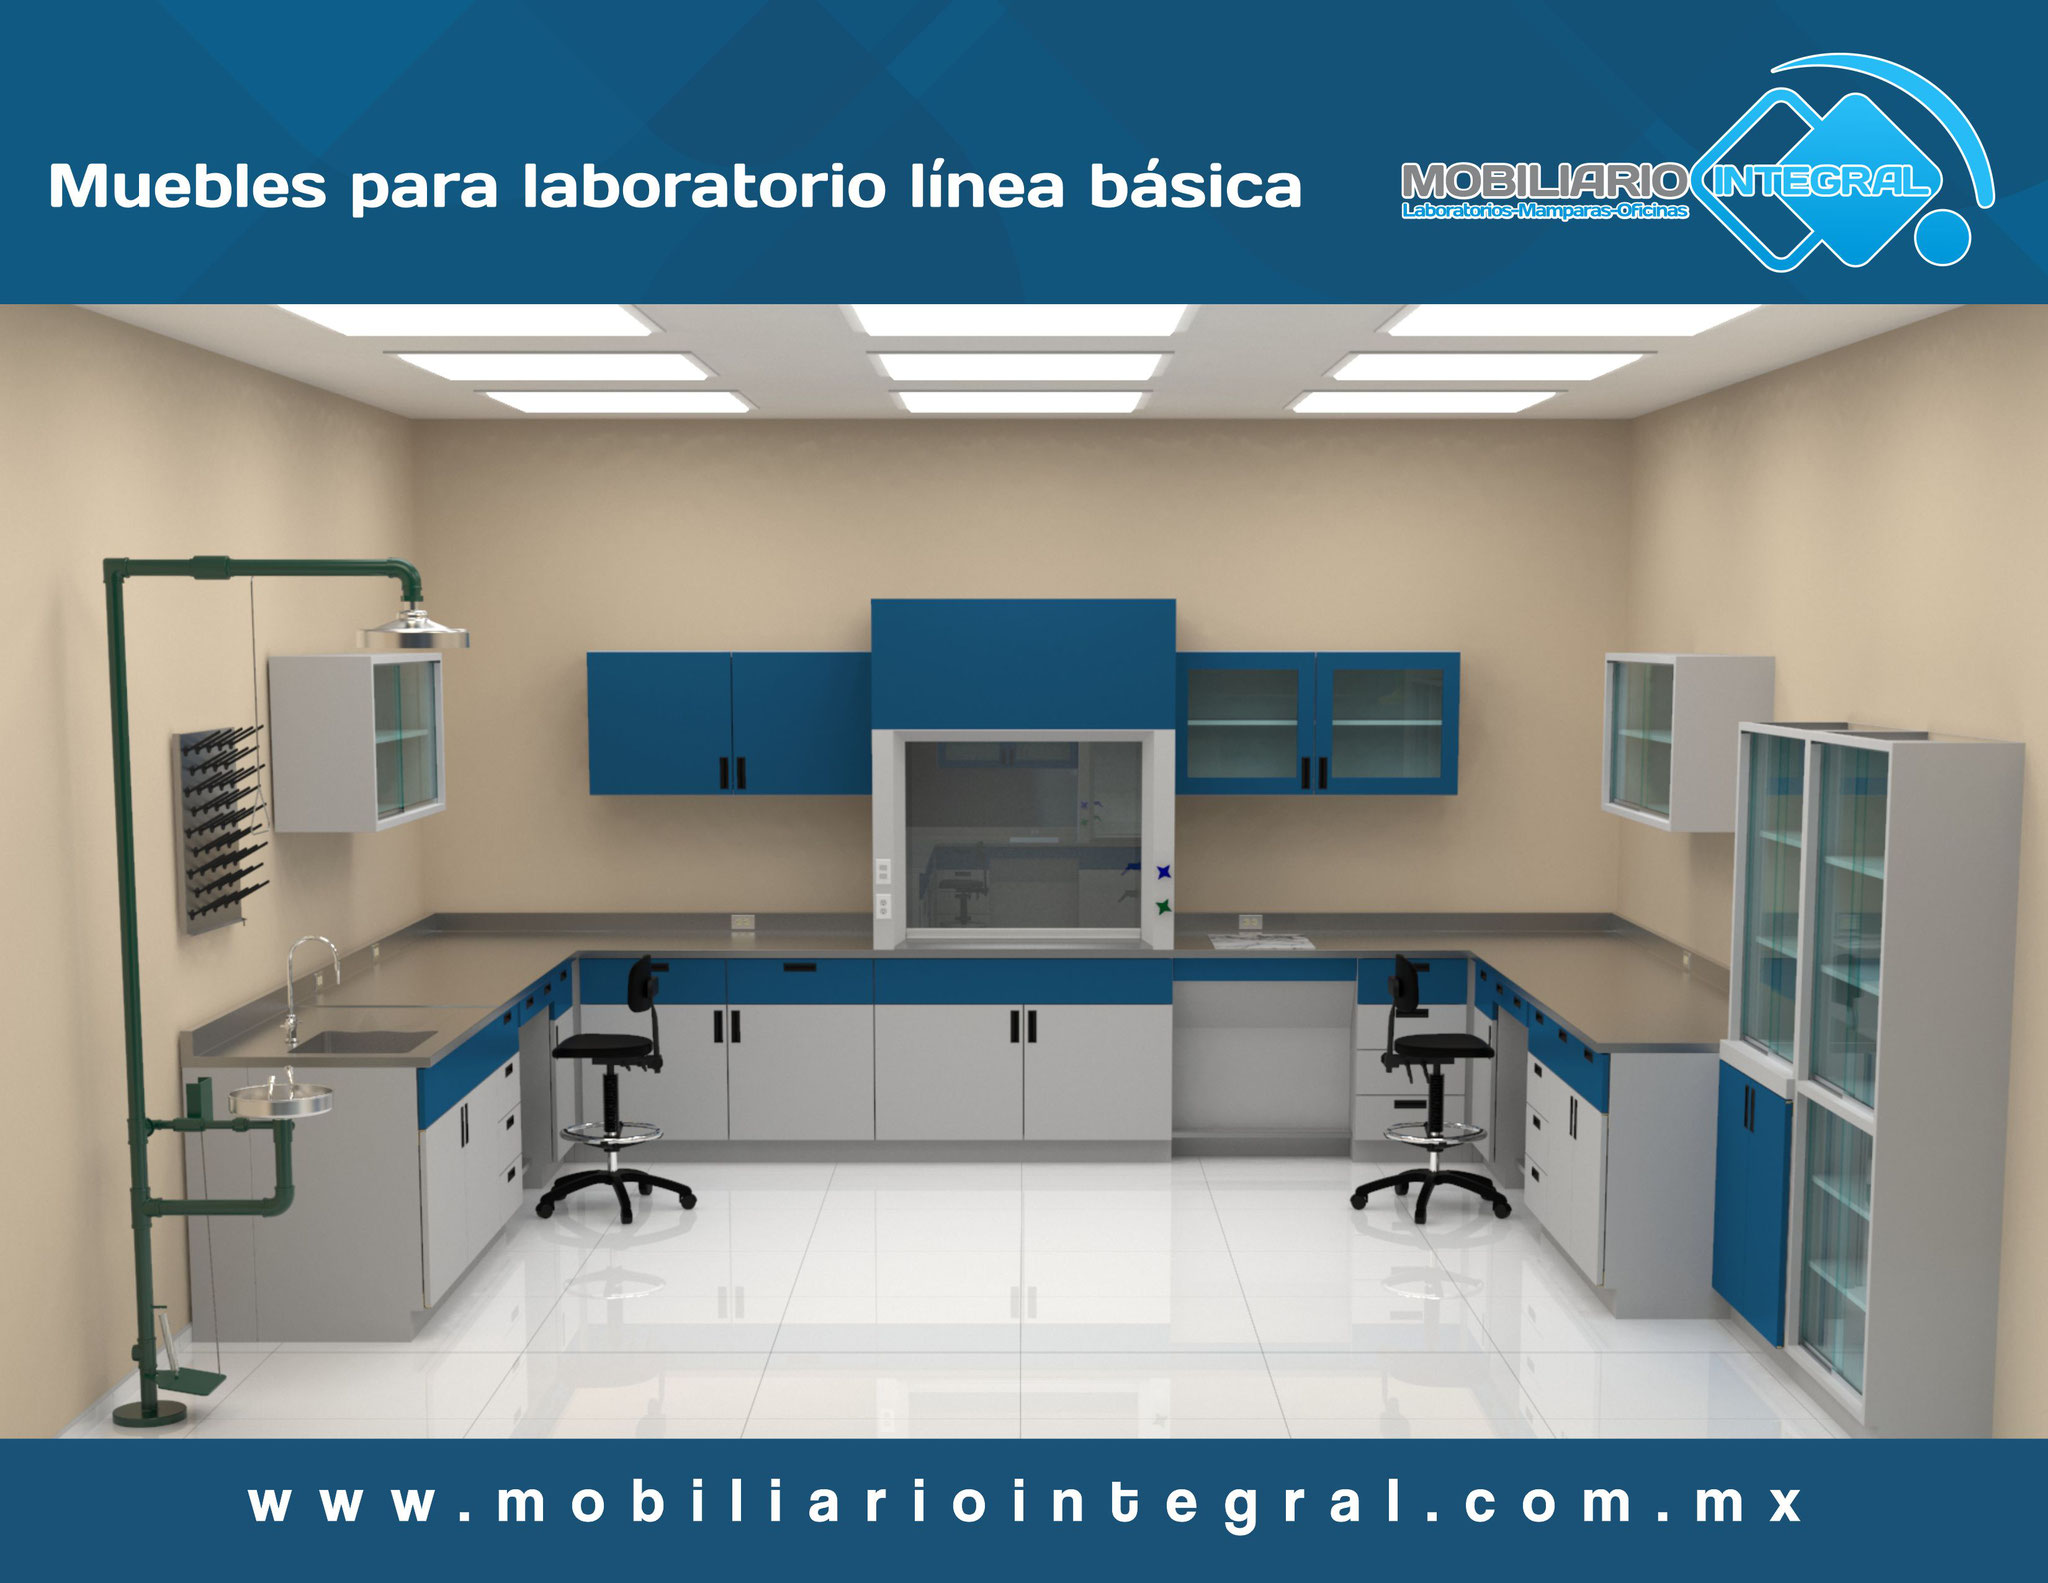 Muebles para laboratorio en Zamora